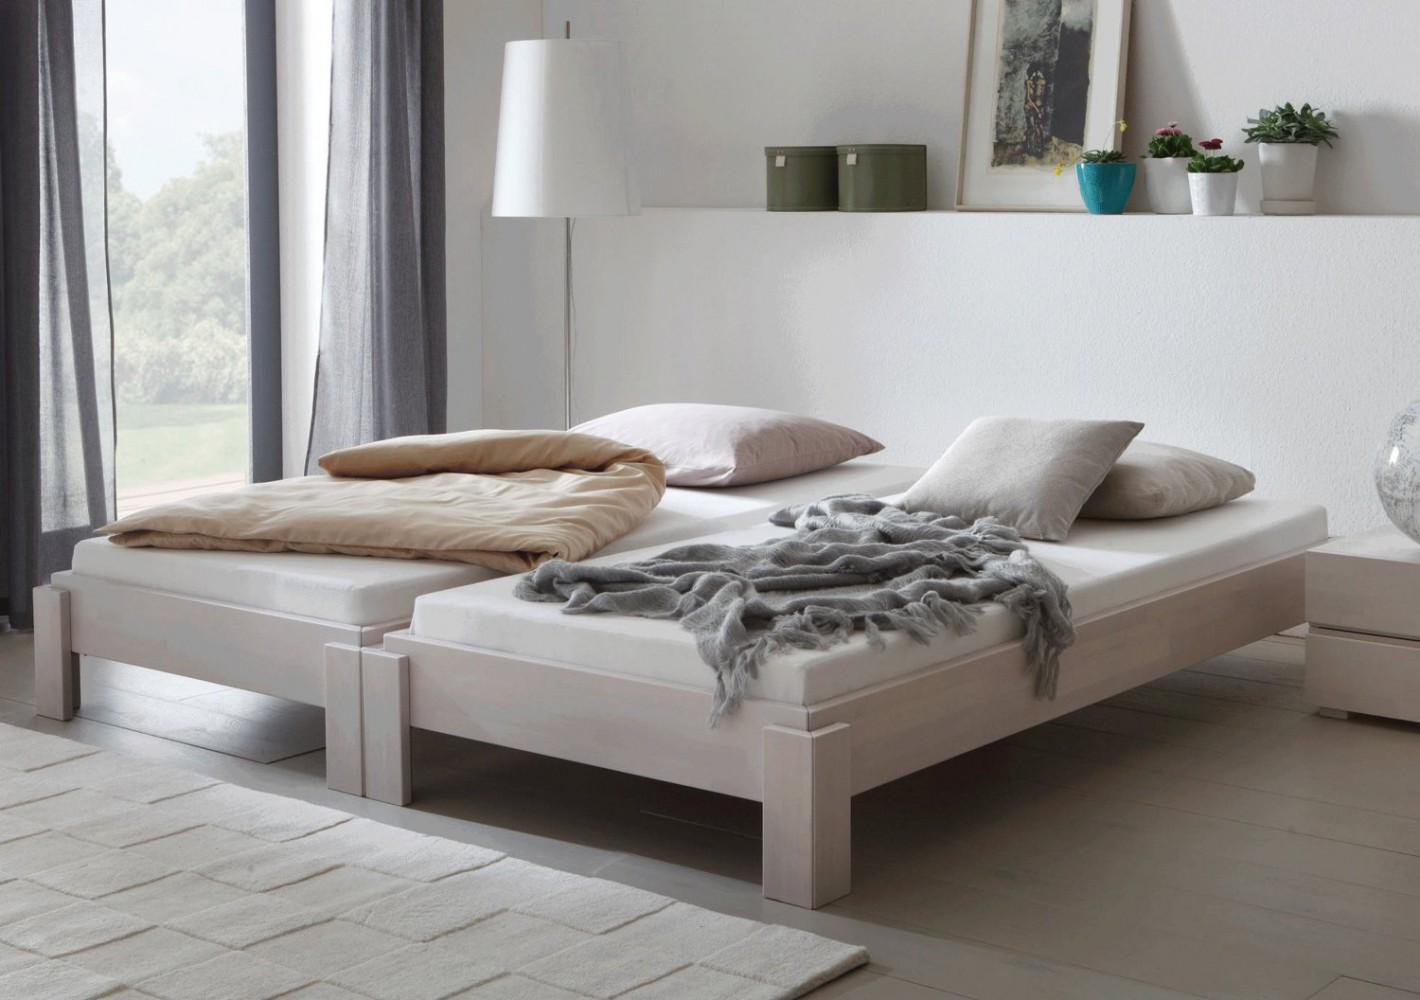 stapelbett 100x200 stapelbett betten mit matratze utaker matratzen und co gelnhausen bett x. Black Bedroom Furniture Sets. Home Design Ideas